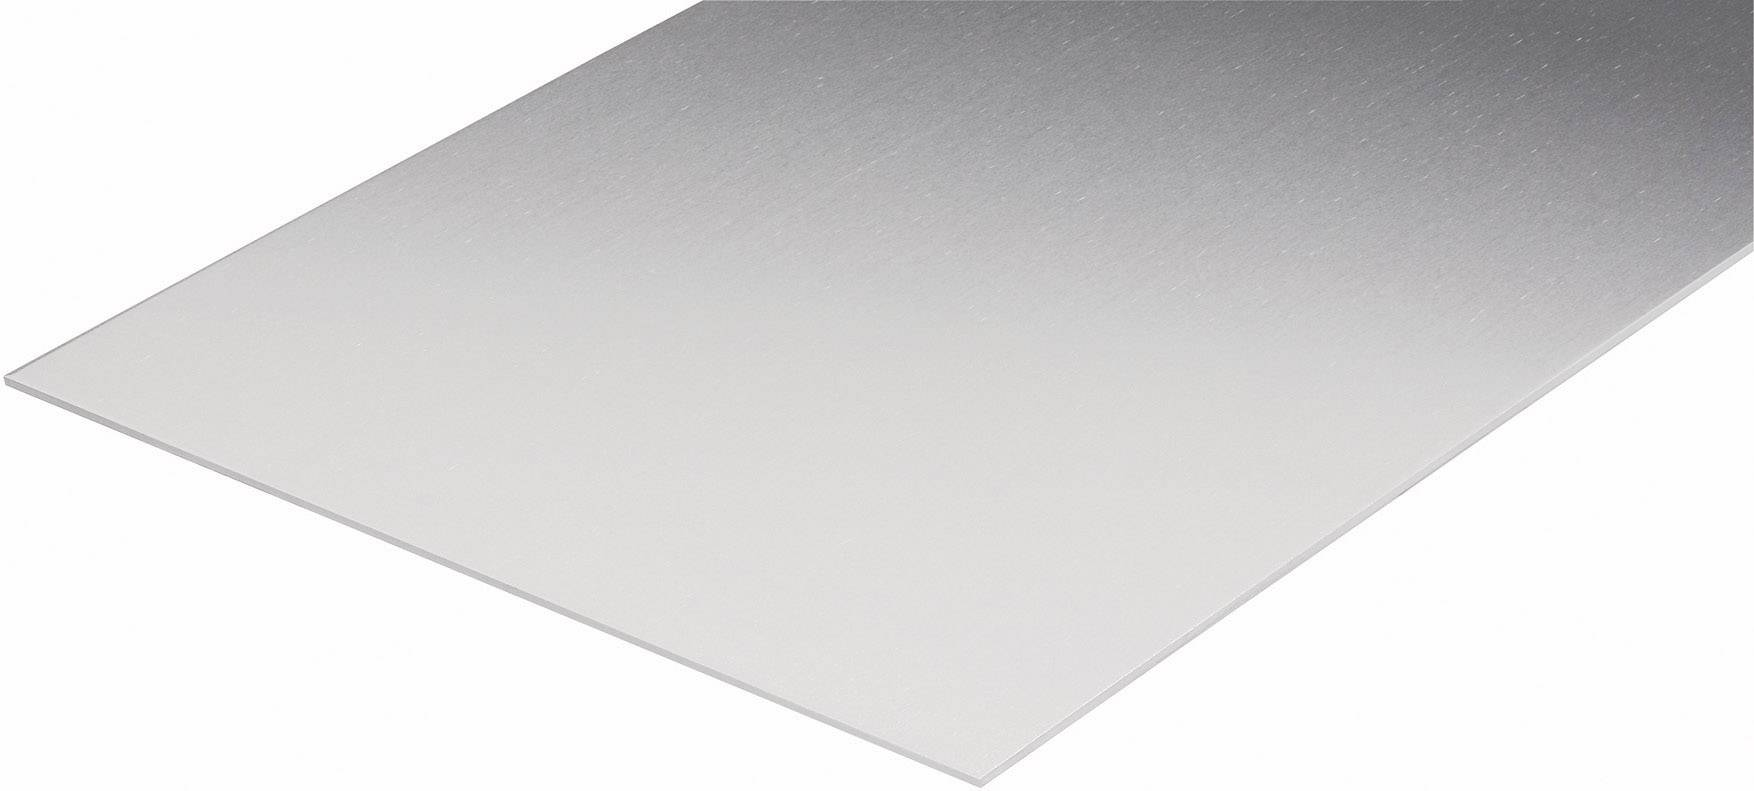 Hliníková deska Al-Mg 3 Modelcraft, 400 x 200 x 1 mm